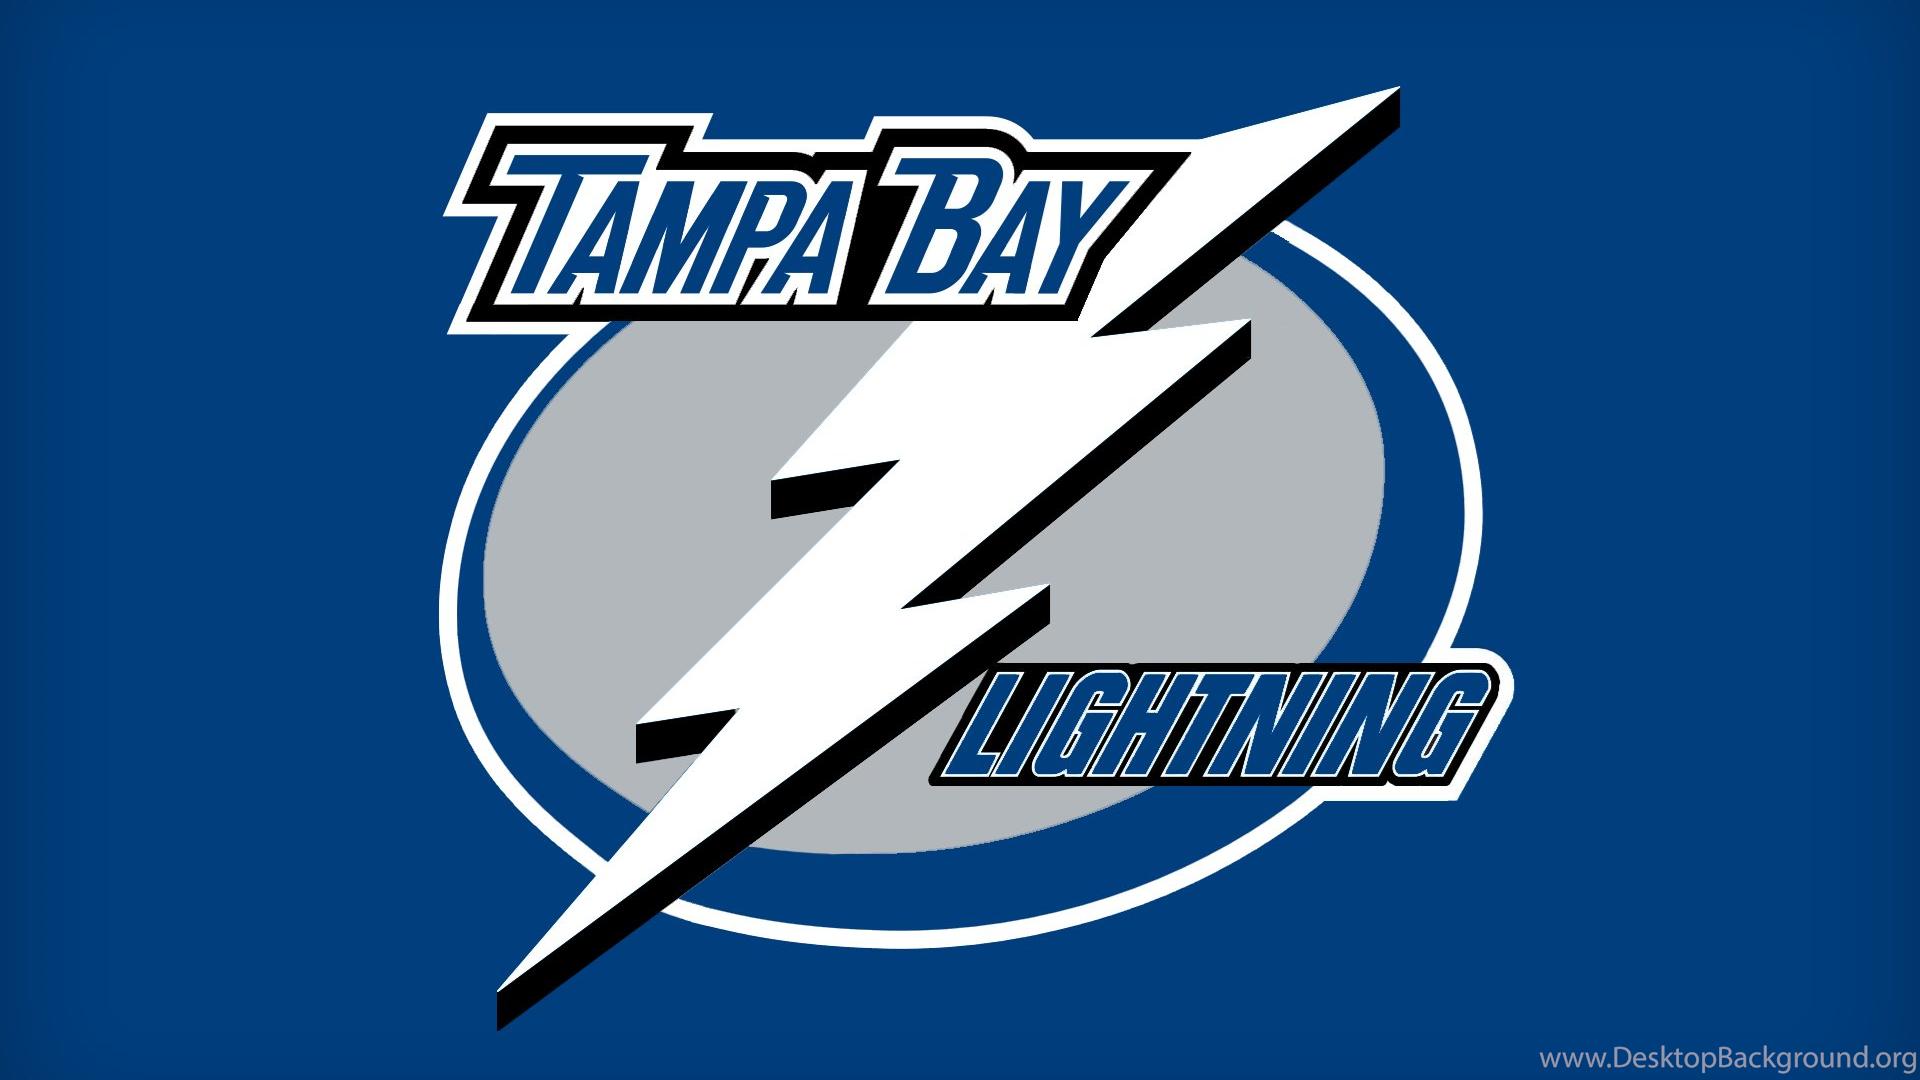 Nhl Tampa Bay Lightning Logo Team Wallpapers Hd Free Desktop